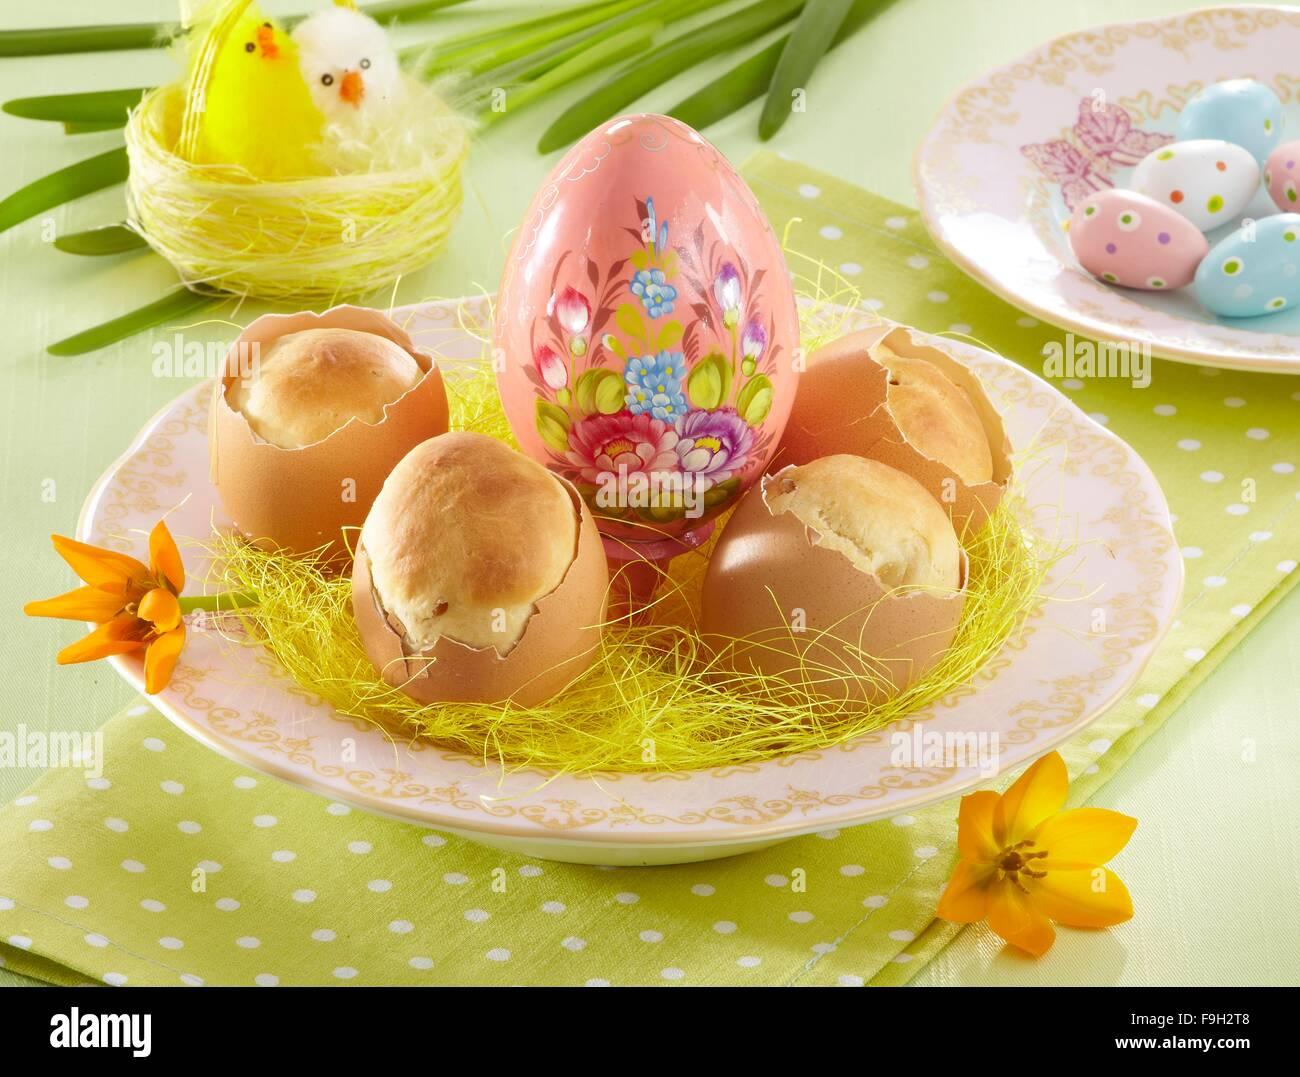 Kuchen In Eierschalen Stockfoto Bild 91959176 Alamy